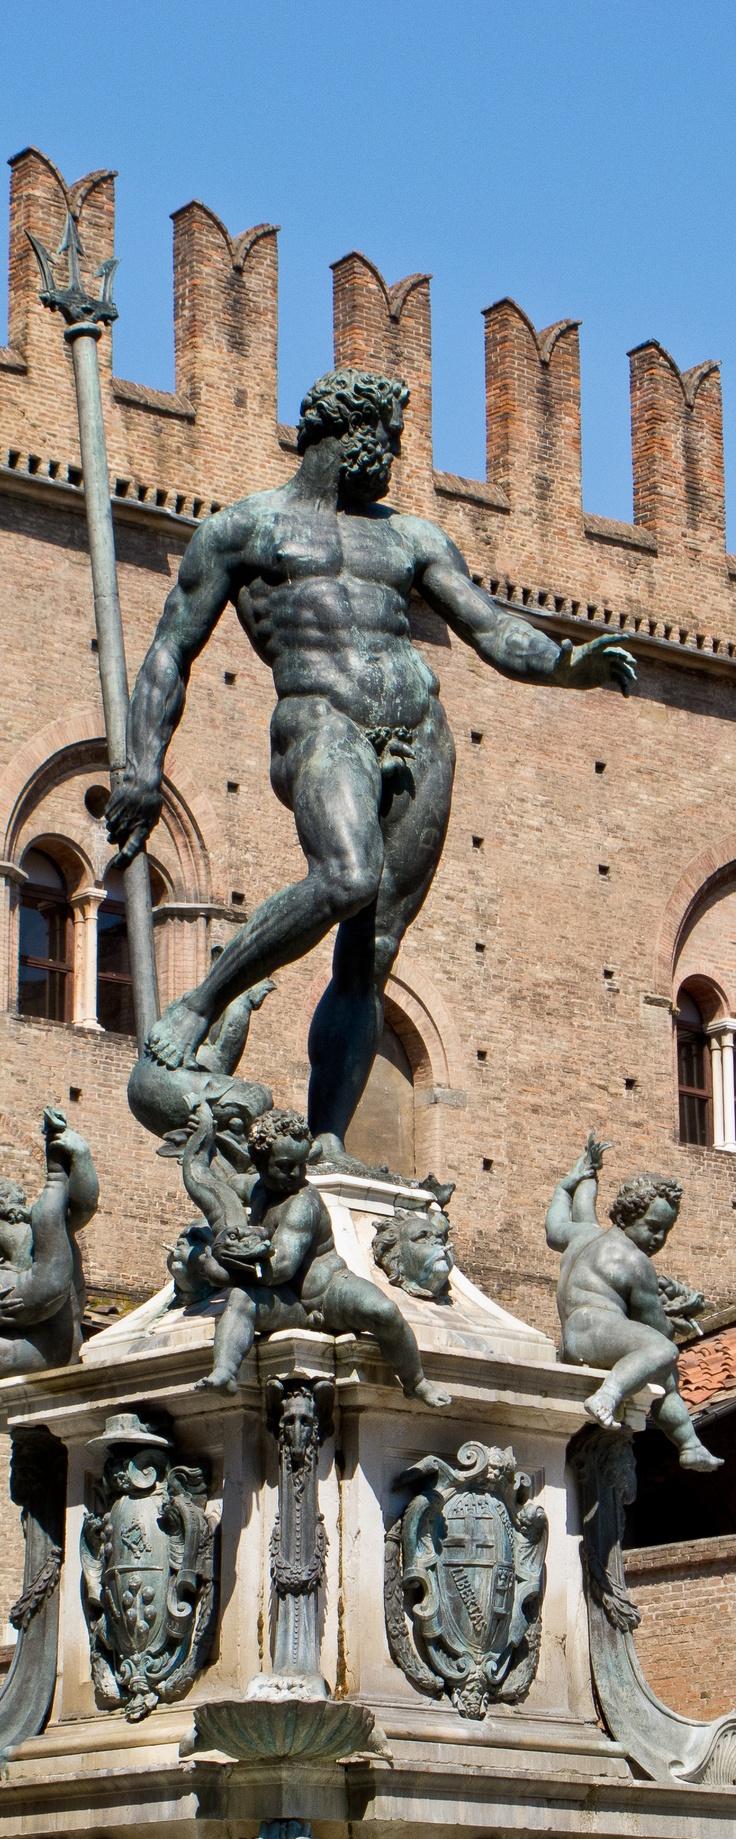 #Bologna - Adelini Riccardo - Fontana del Nettuno - Piazza Maggiore. Bologna - Neptune Fountain - Piazza Maggiore. #Italy